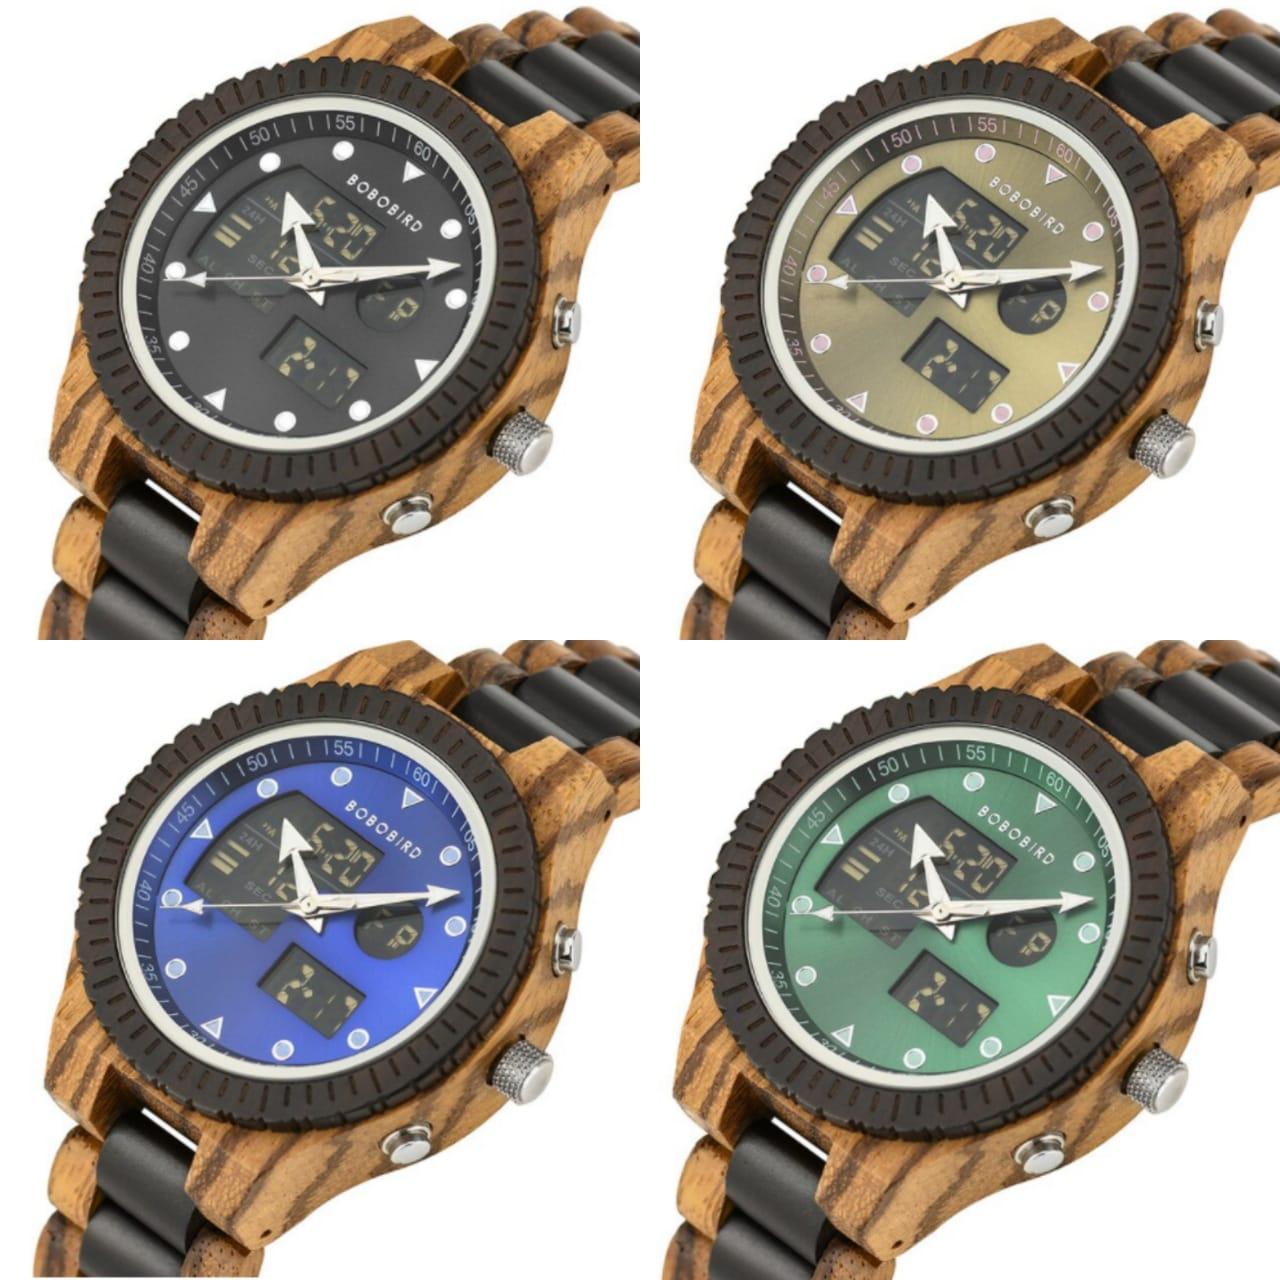 Relógio de Madeira Roupala - Bobo Bird